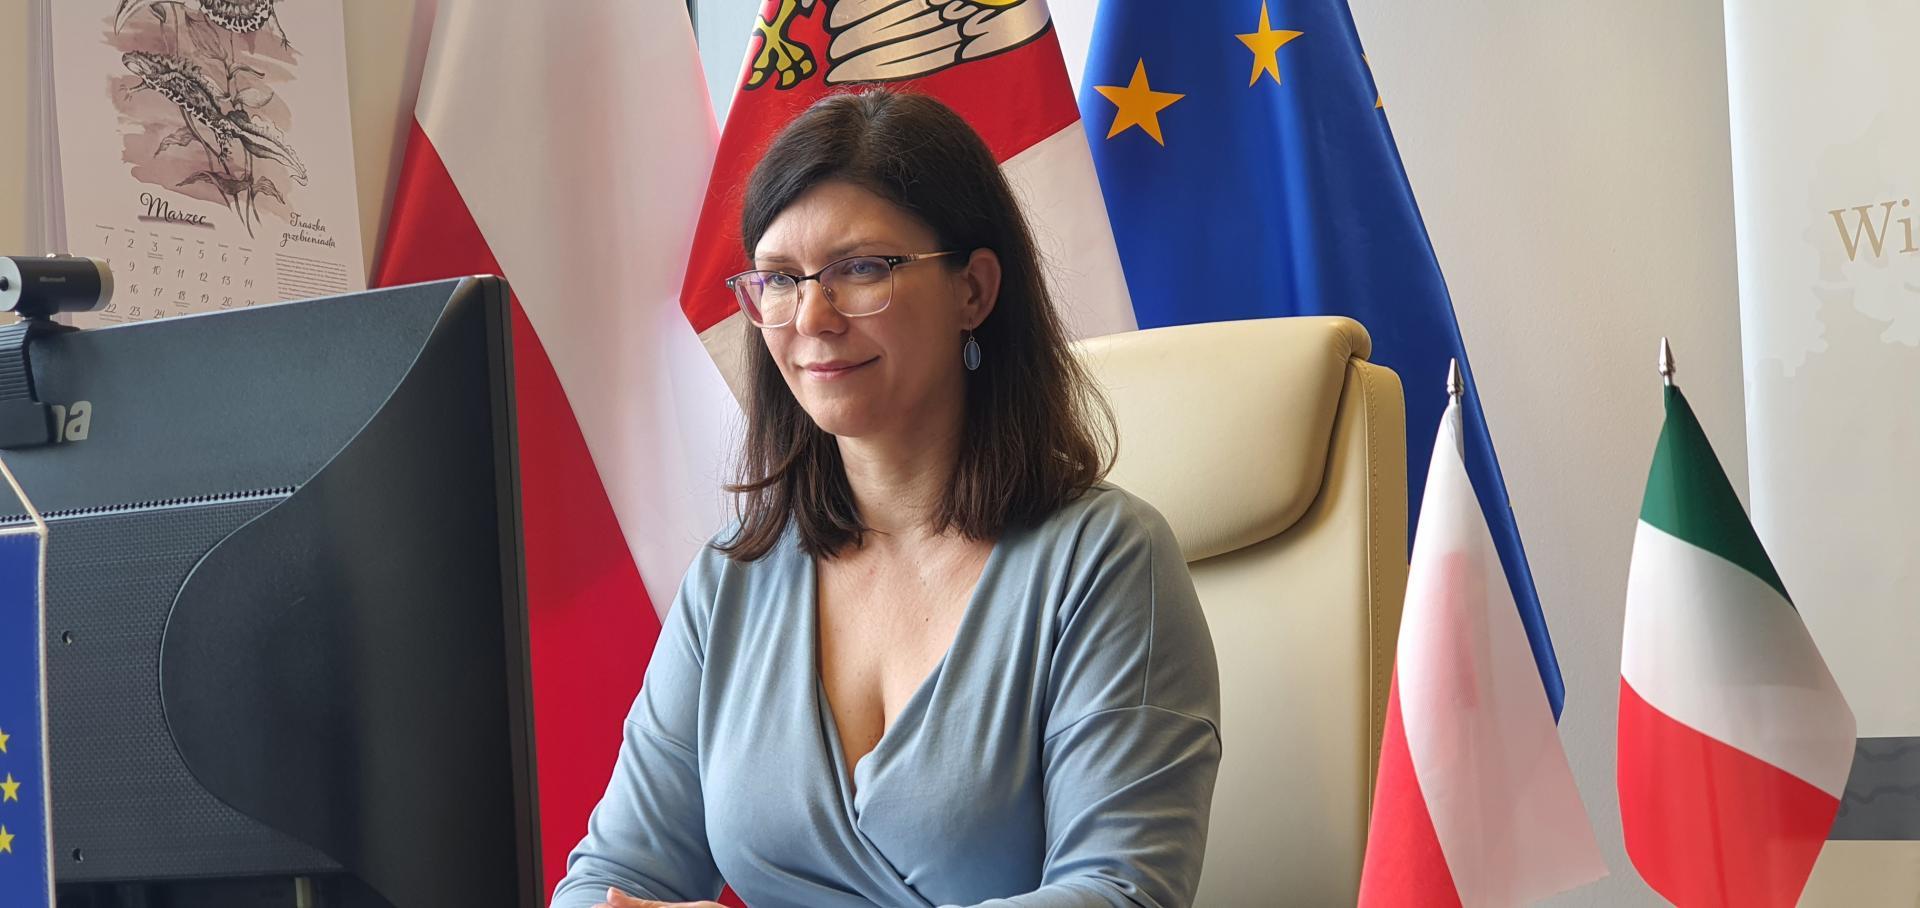 Sprawy społeczne inspirującym wątkiem współpracy Wielkopolski i Emilii-Romanii - zobacz więcej